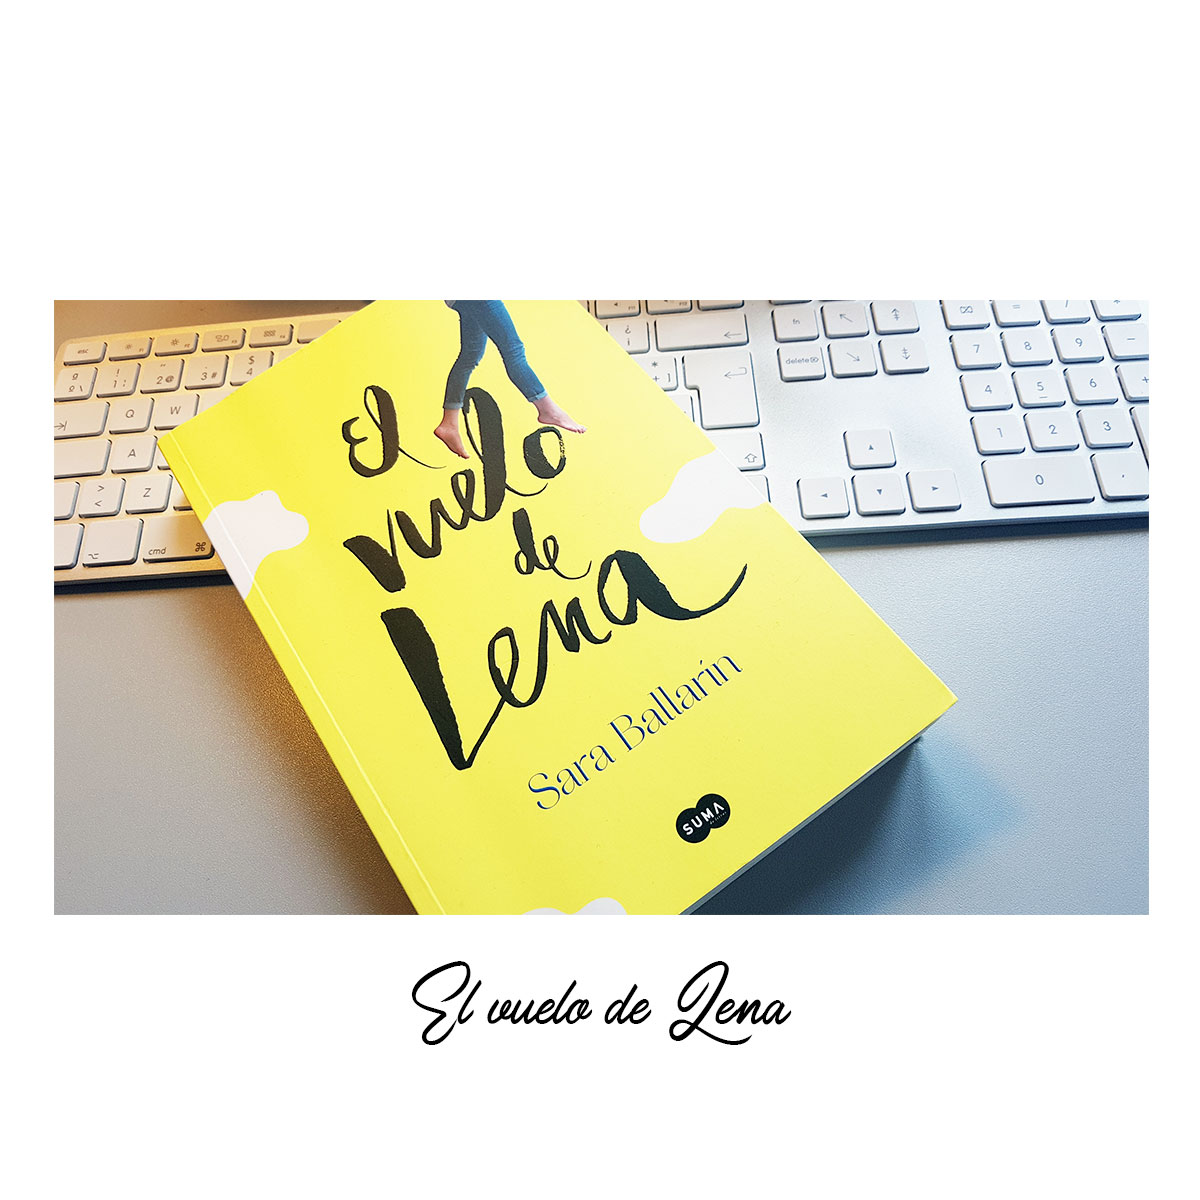 Lectura recomendada El vuelo de Lena